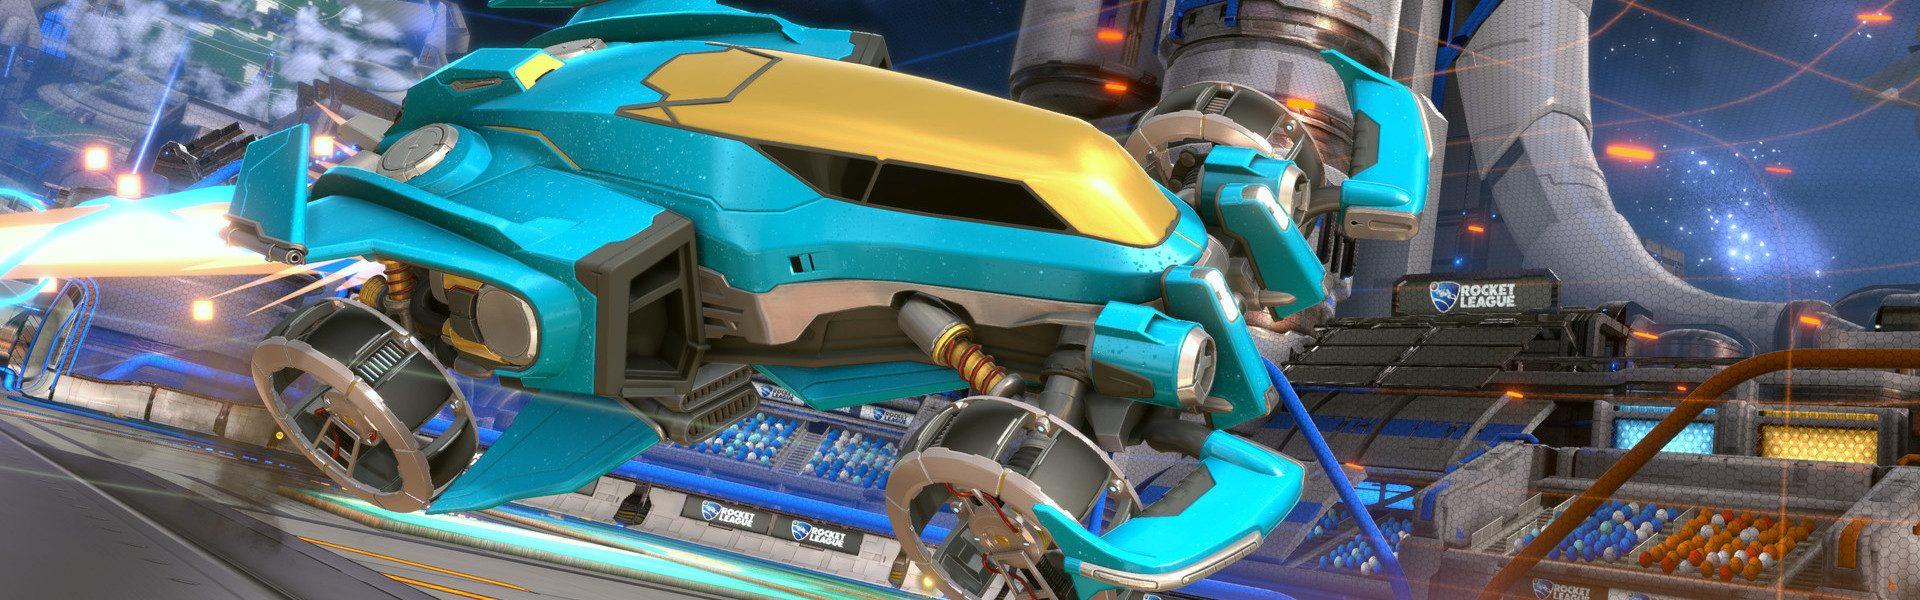 Rocket League - Vulcan (DLC) Steam Key GLOBAL